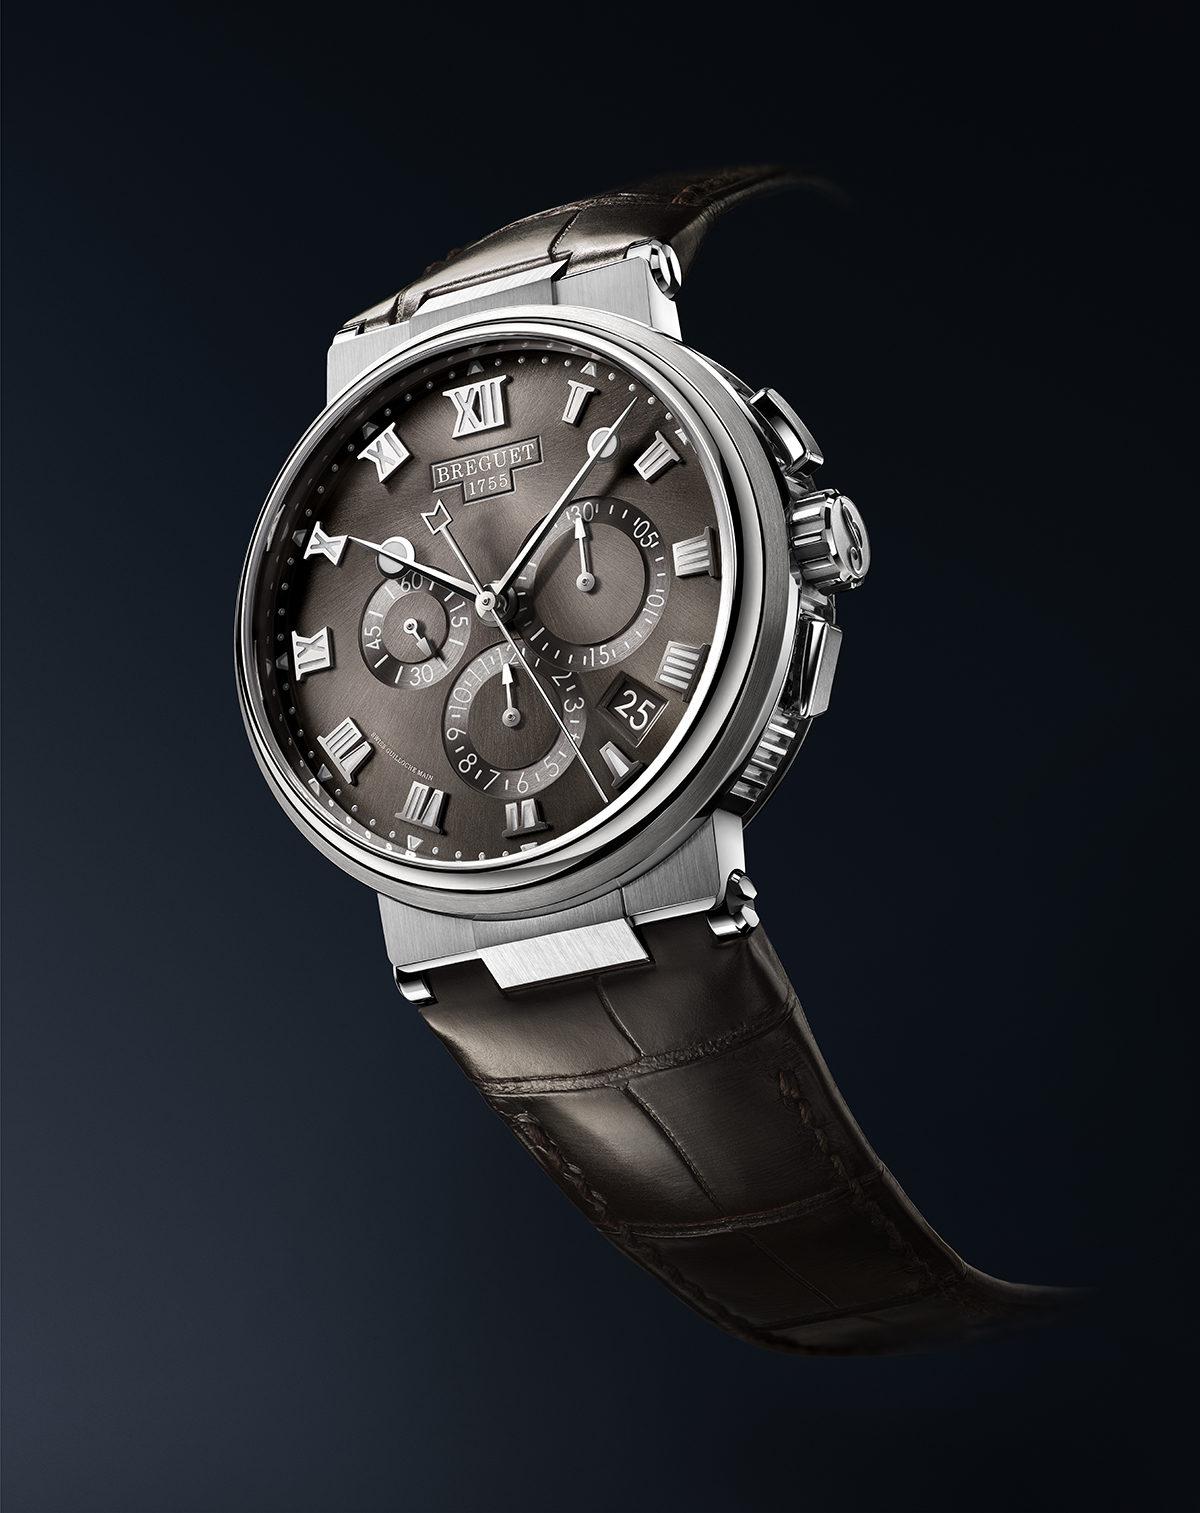 Breguet Marine Chronograph 5527 Watchonista